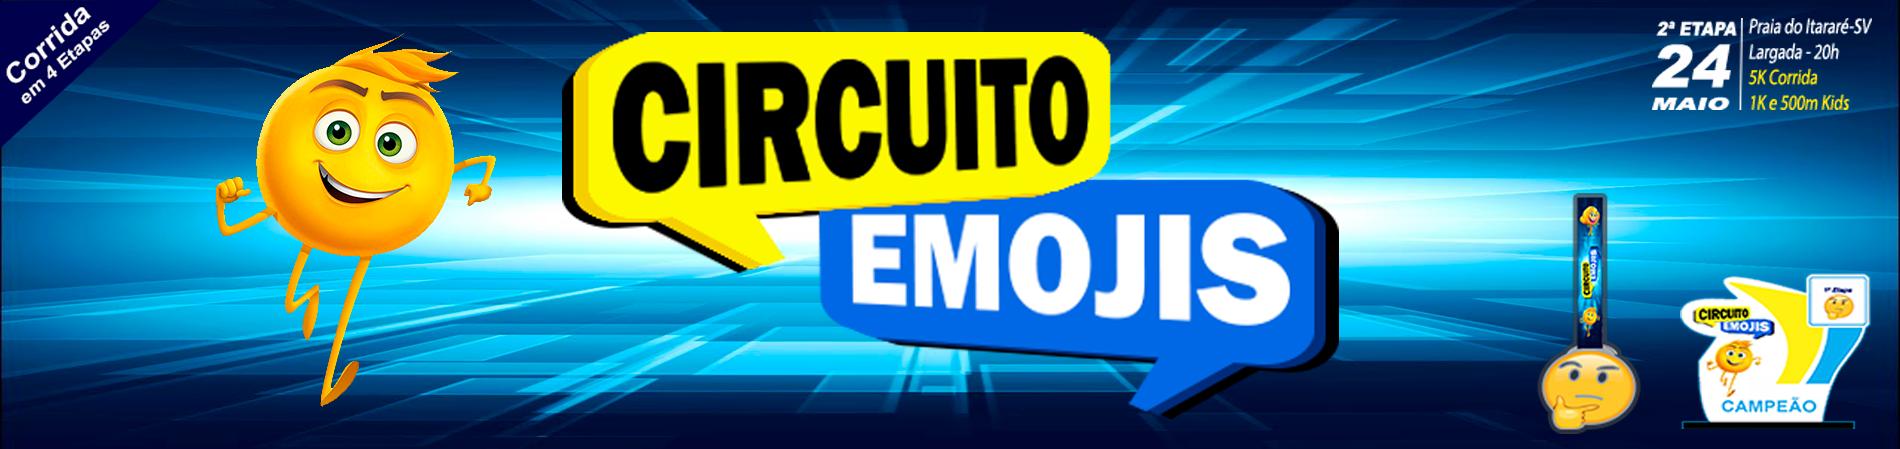 CIRCUITO EMOJIS - 2 ETAPA